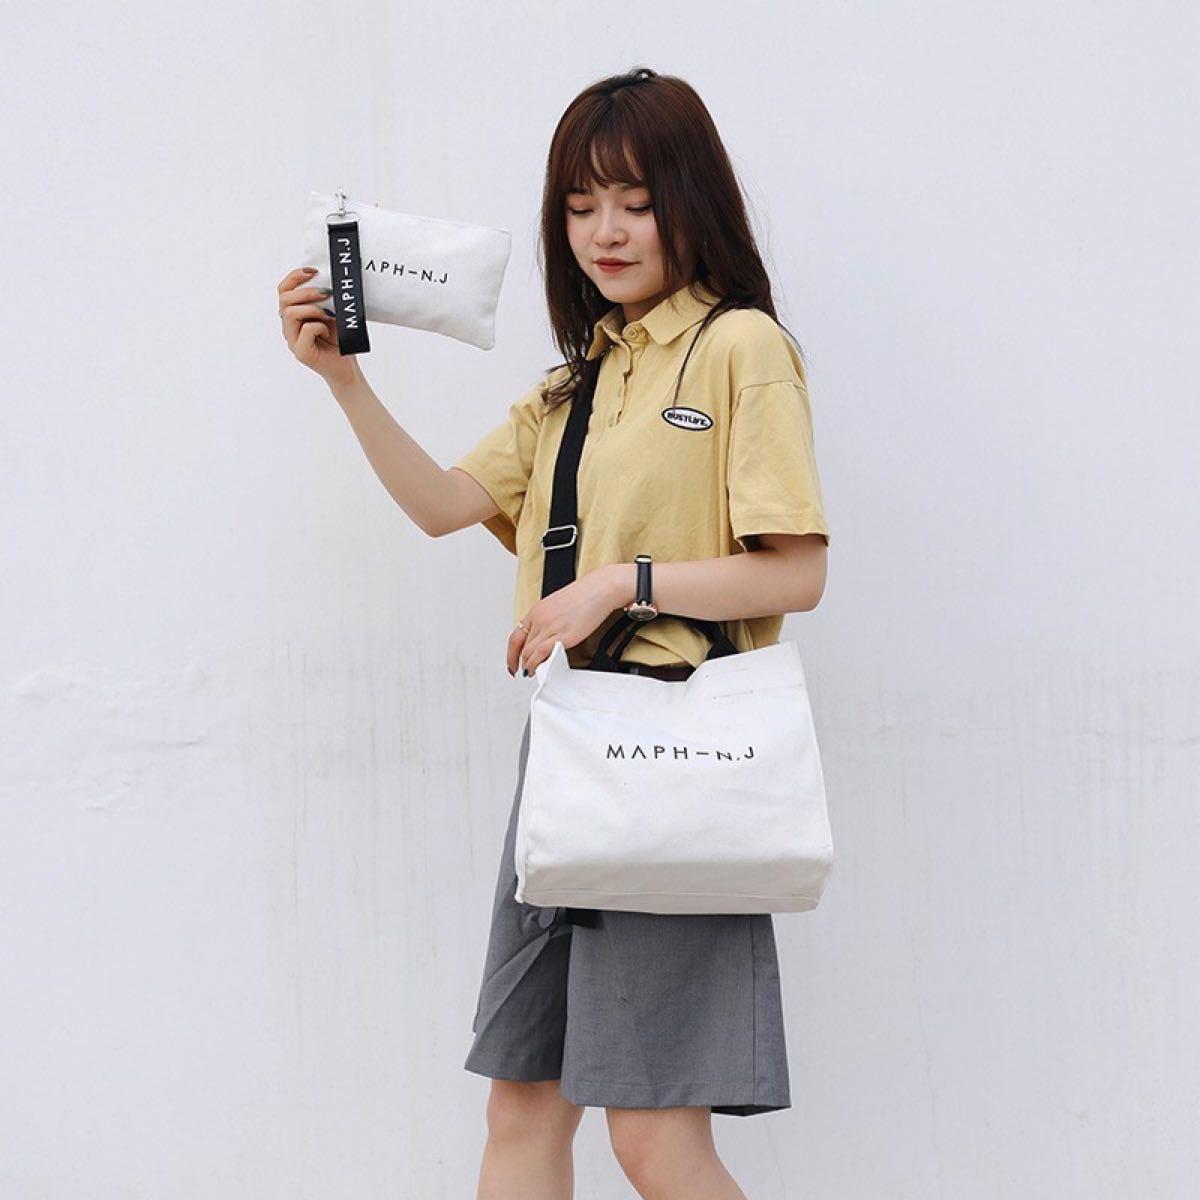 ミニポーチ付き キャンバス トートバッグ ショルダーバッグ A4 韓国 ホワイト 白